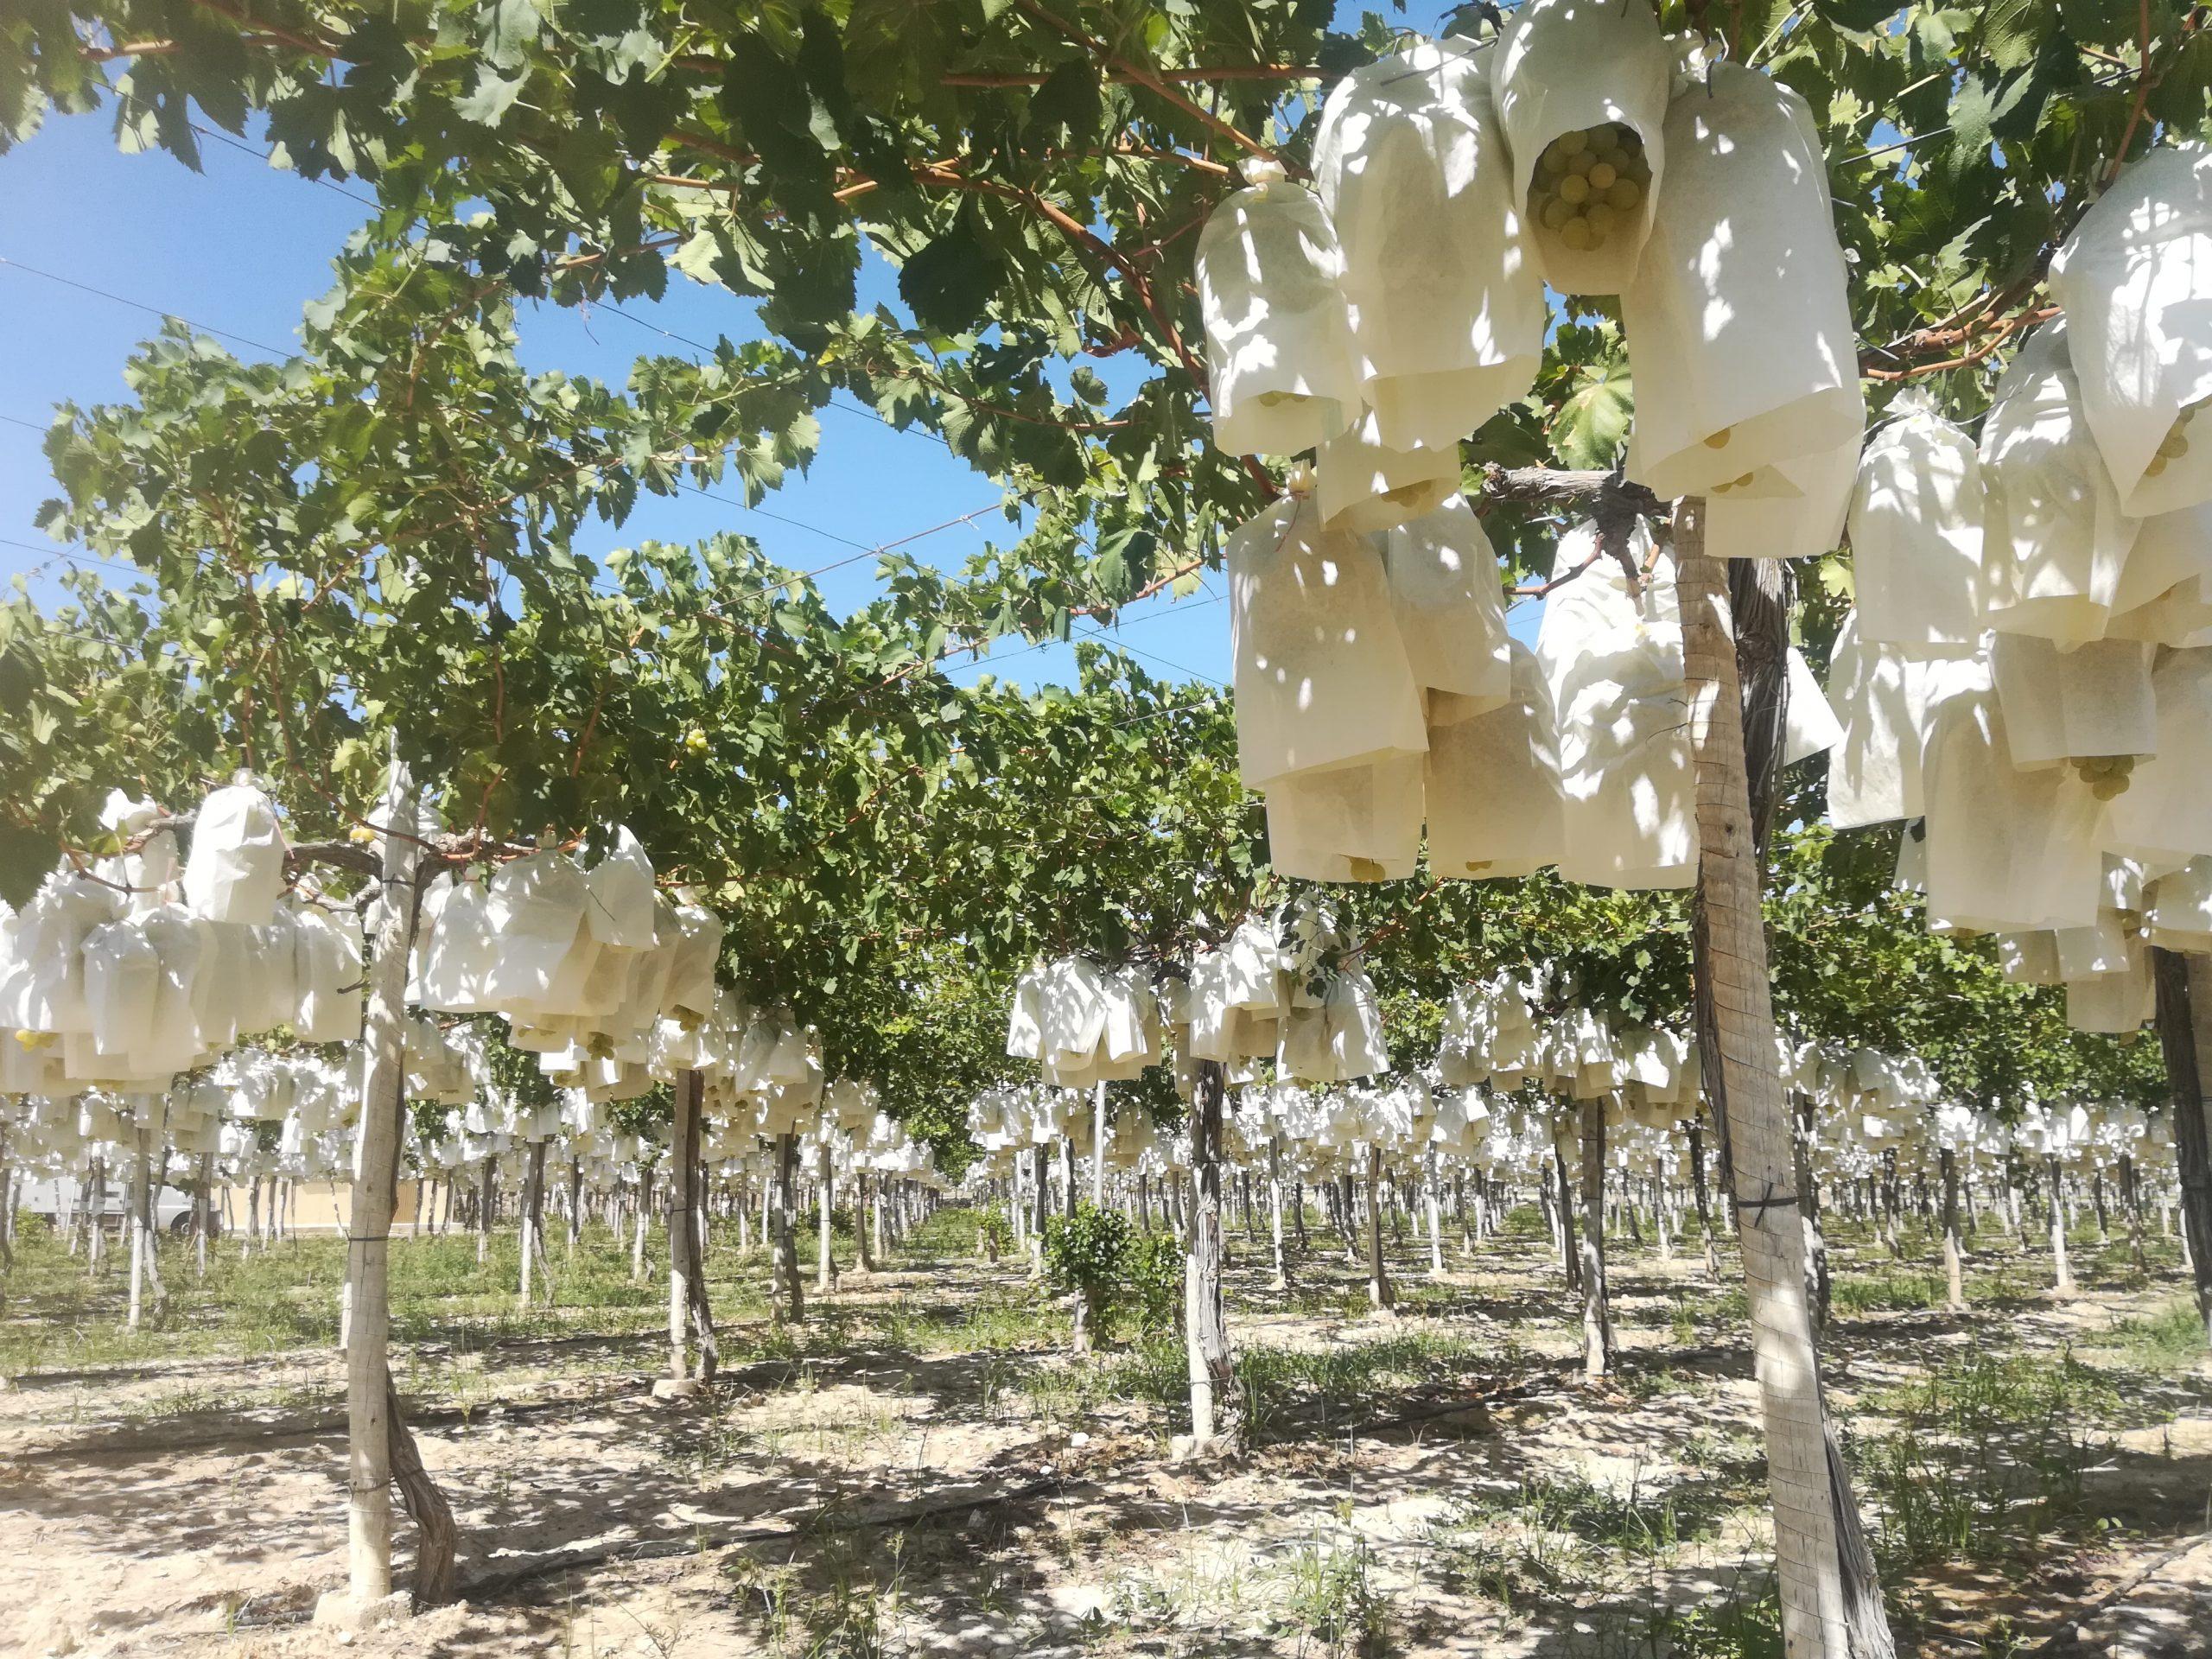 Embolsado - Campos de uva de mesa embolsada del vinalopo